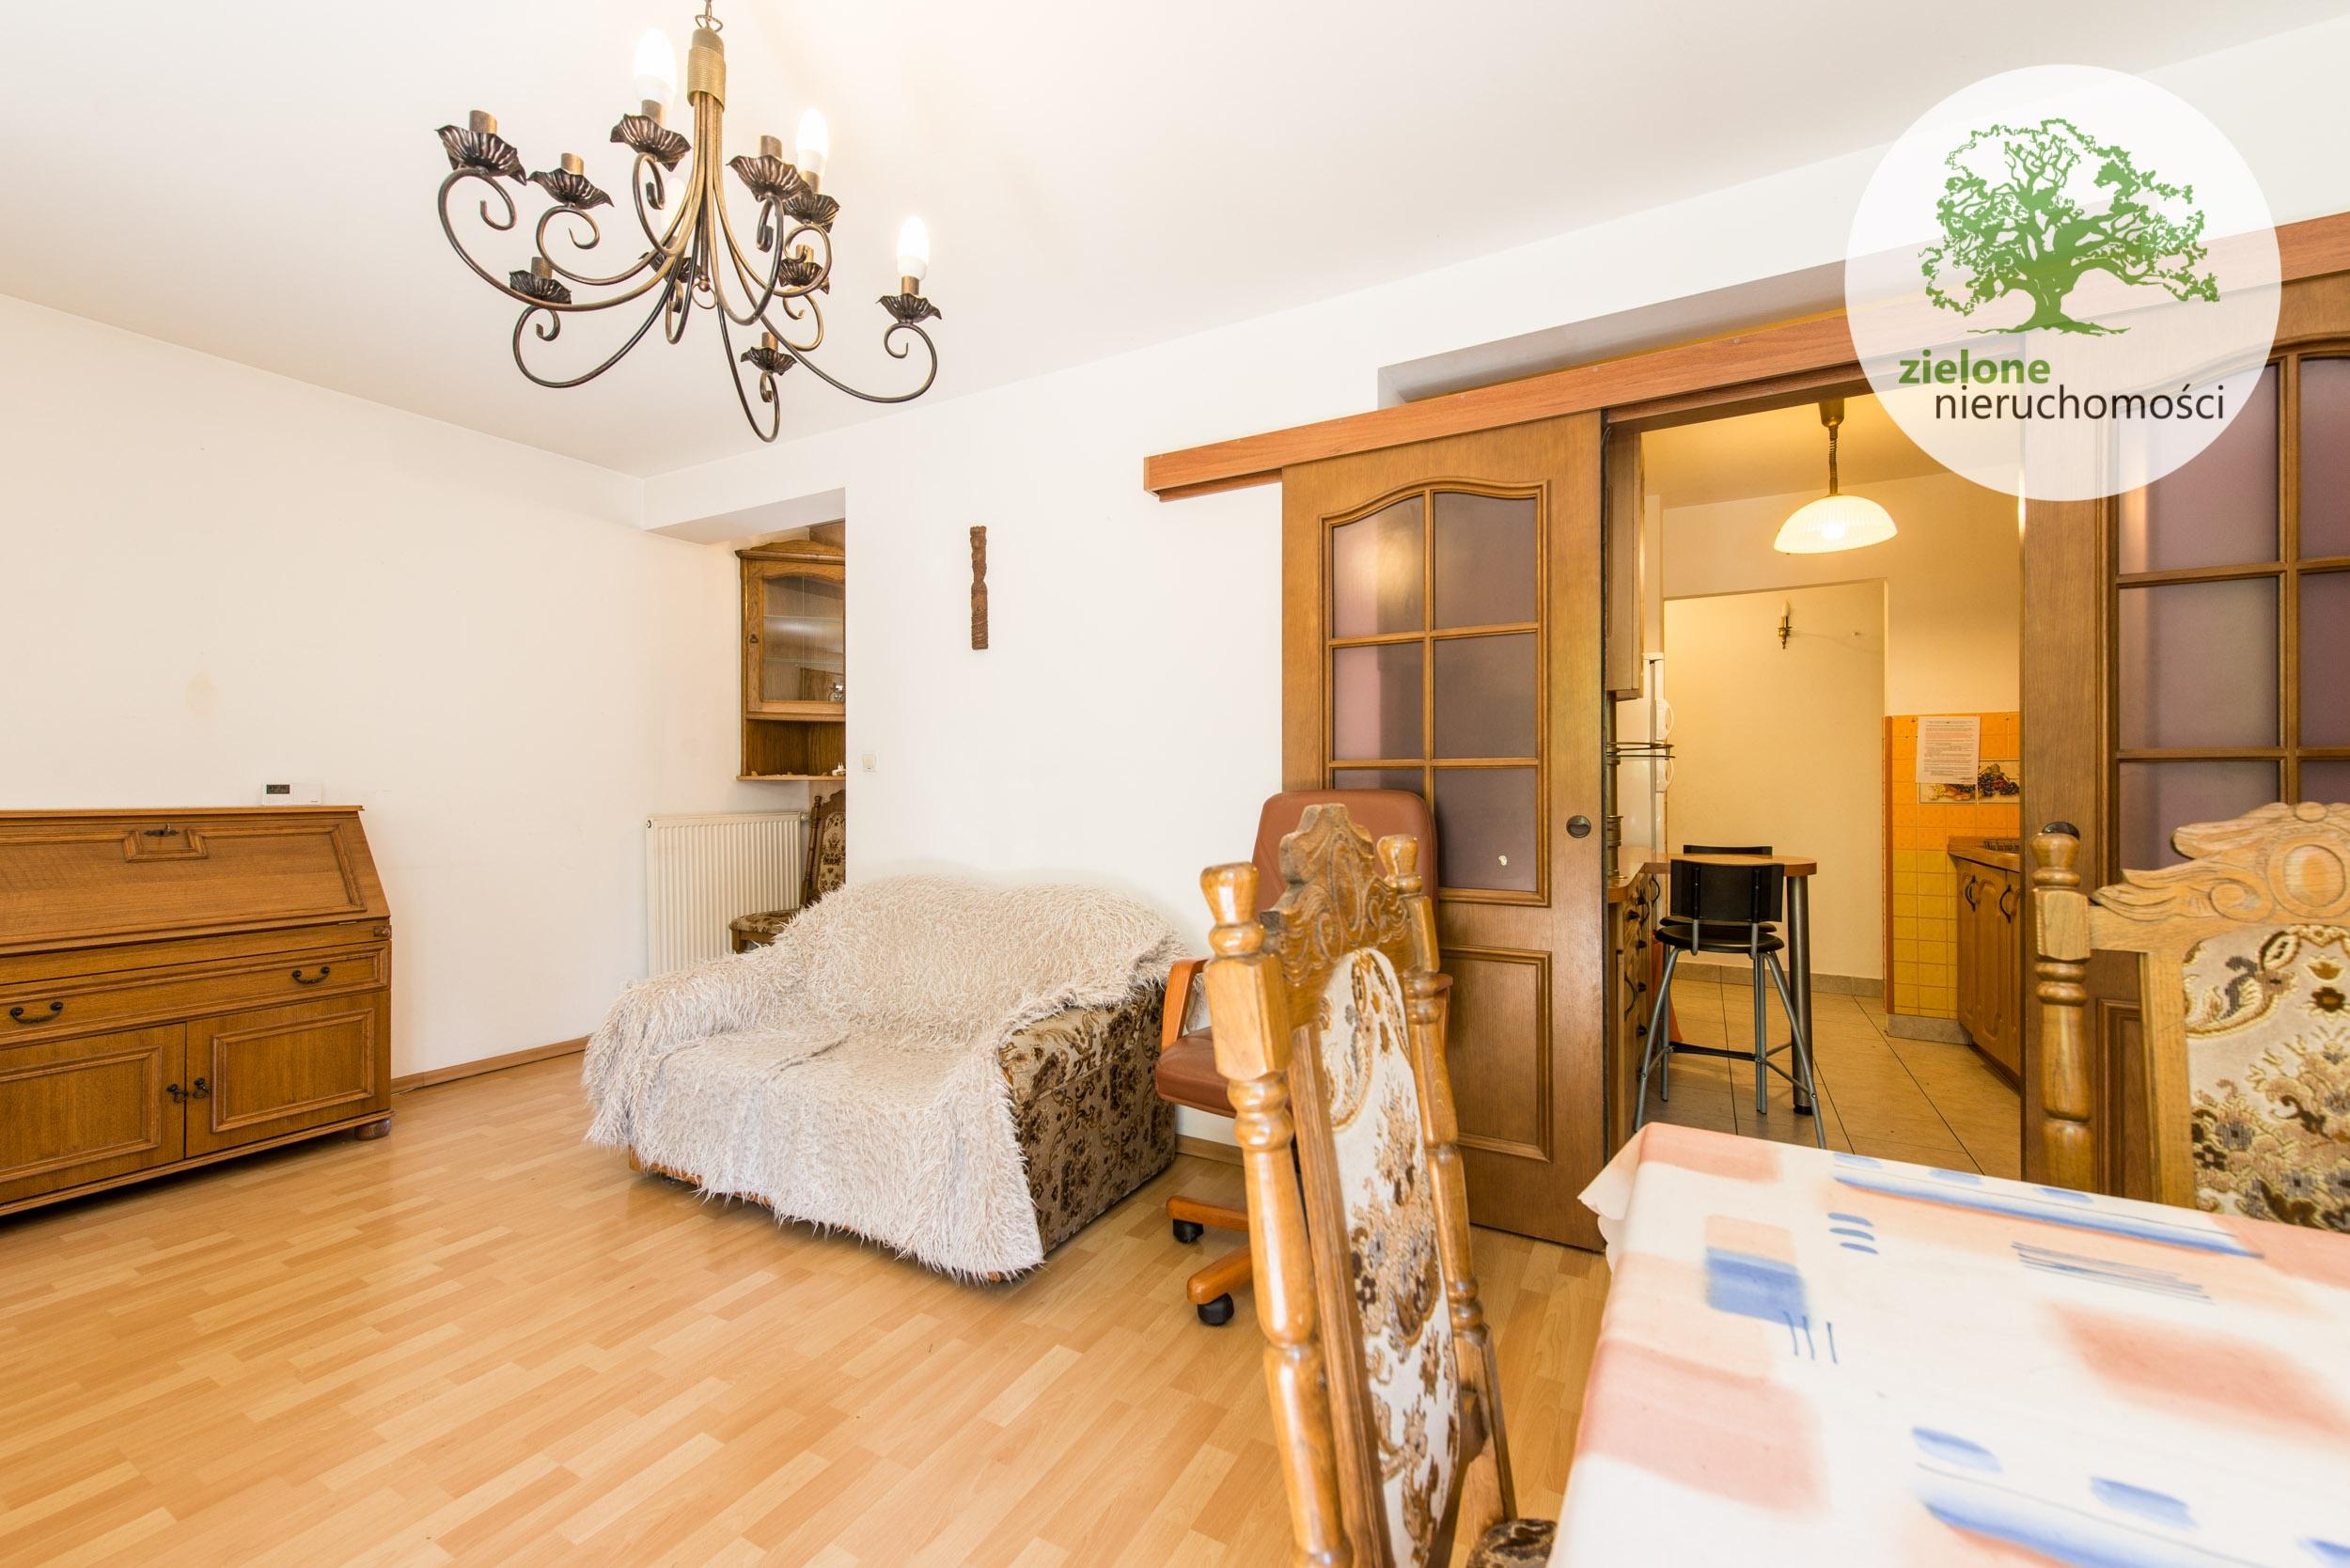 Zdjęcie 13Dwupokojowe mieszkanie na wynajem w zabudowie szeregowej